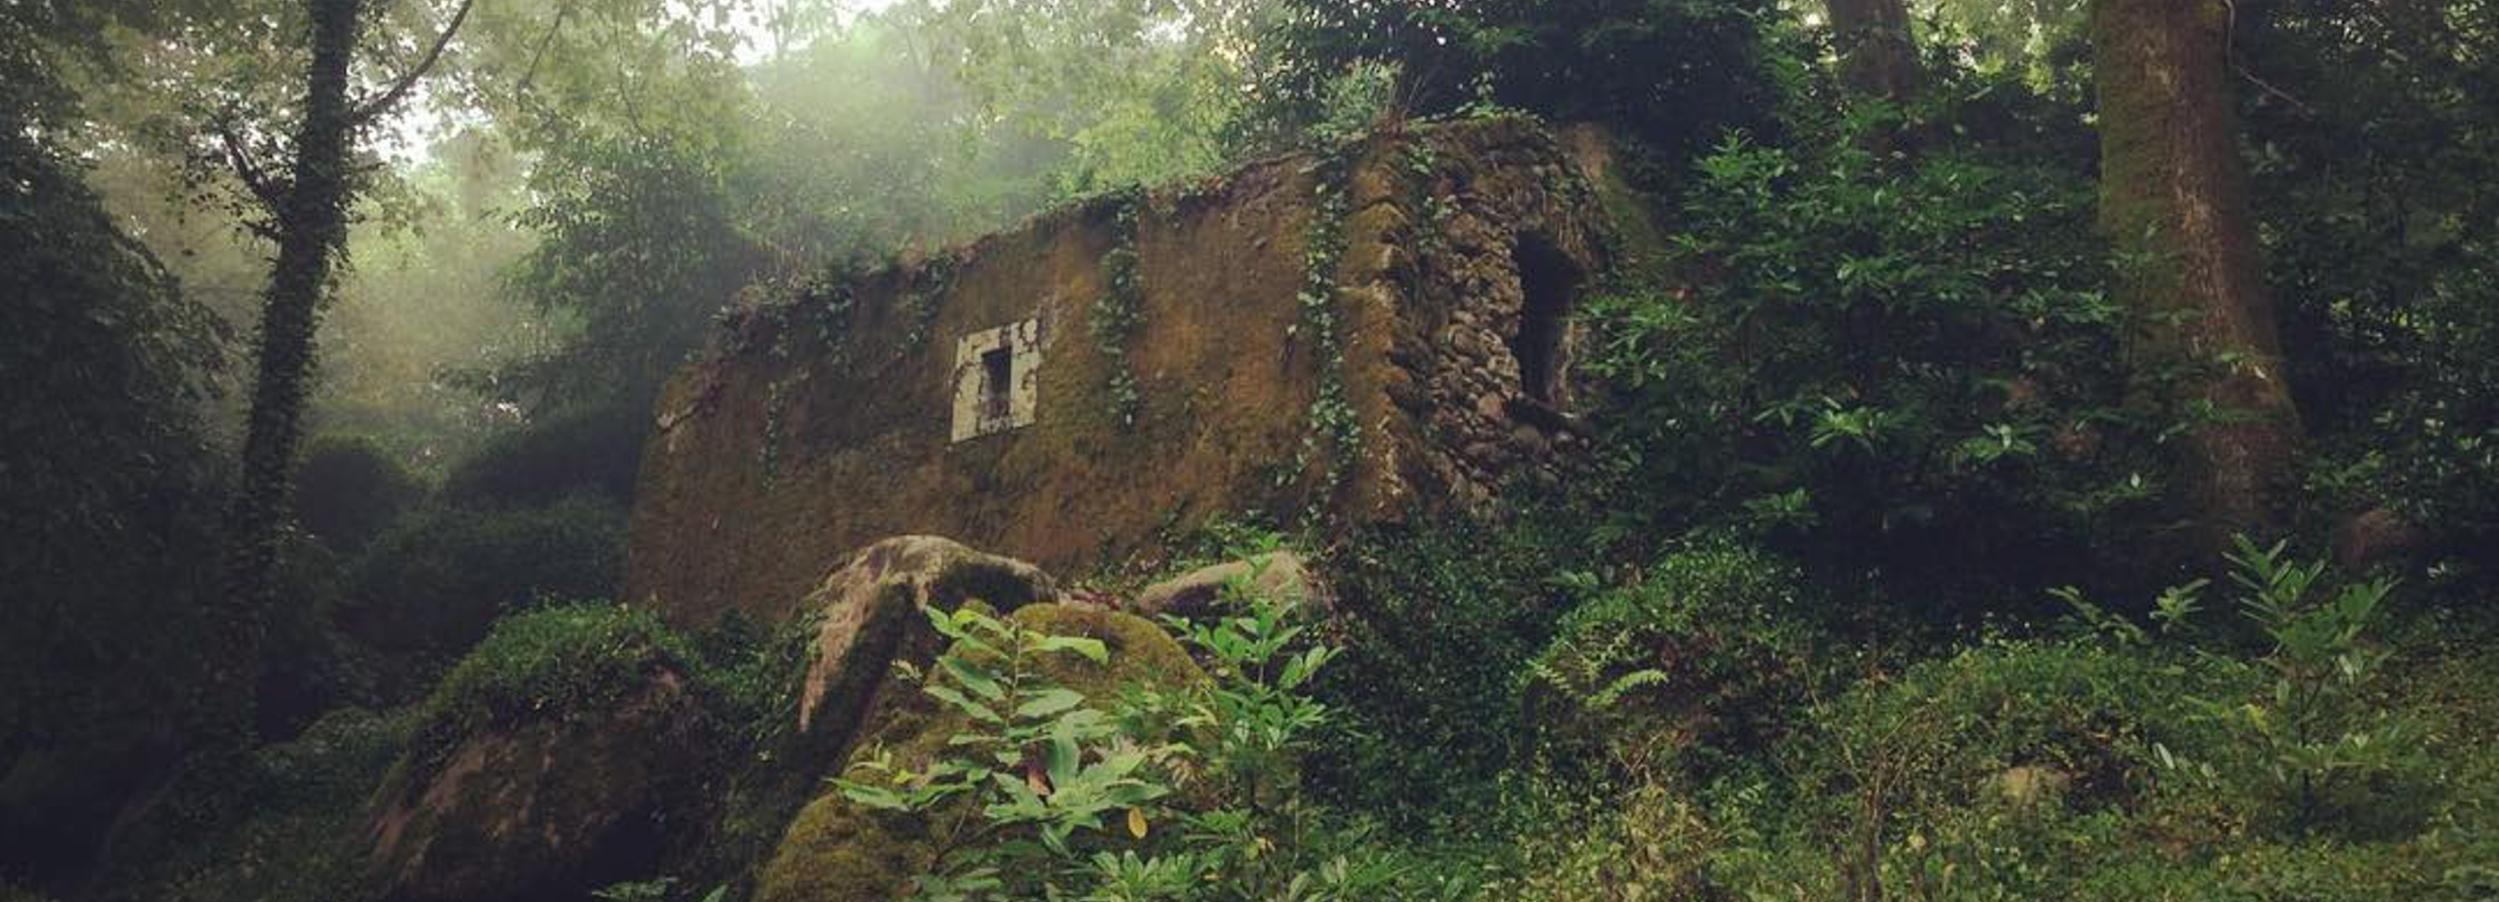 Visita guiada a Sintra: vida e morte no Convento dos Capuchos